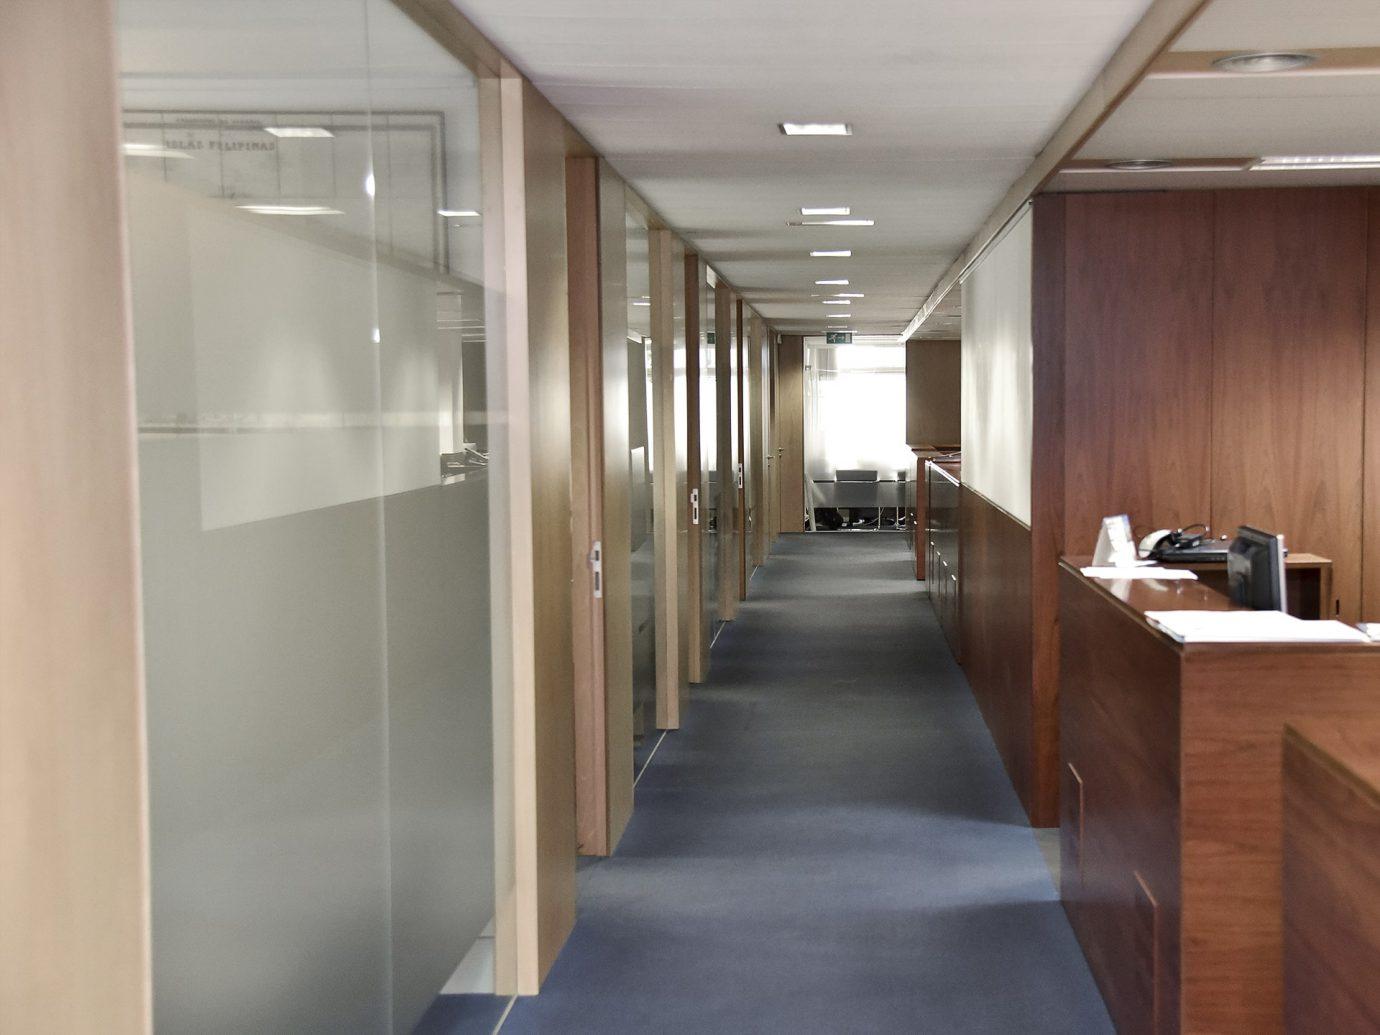 Áreas de práctica de Estudio Jurídico Almagro (EJA) en Madrid